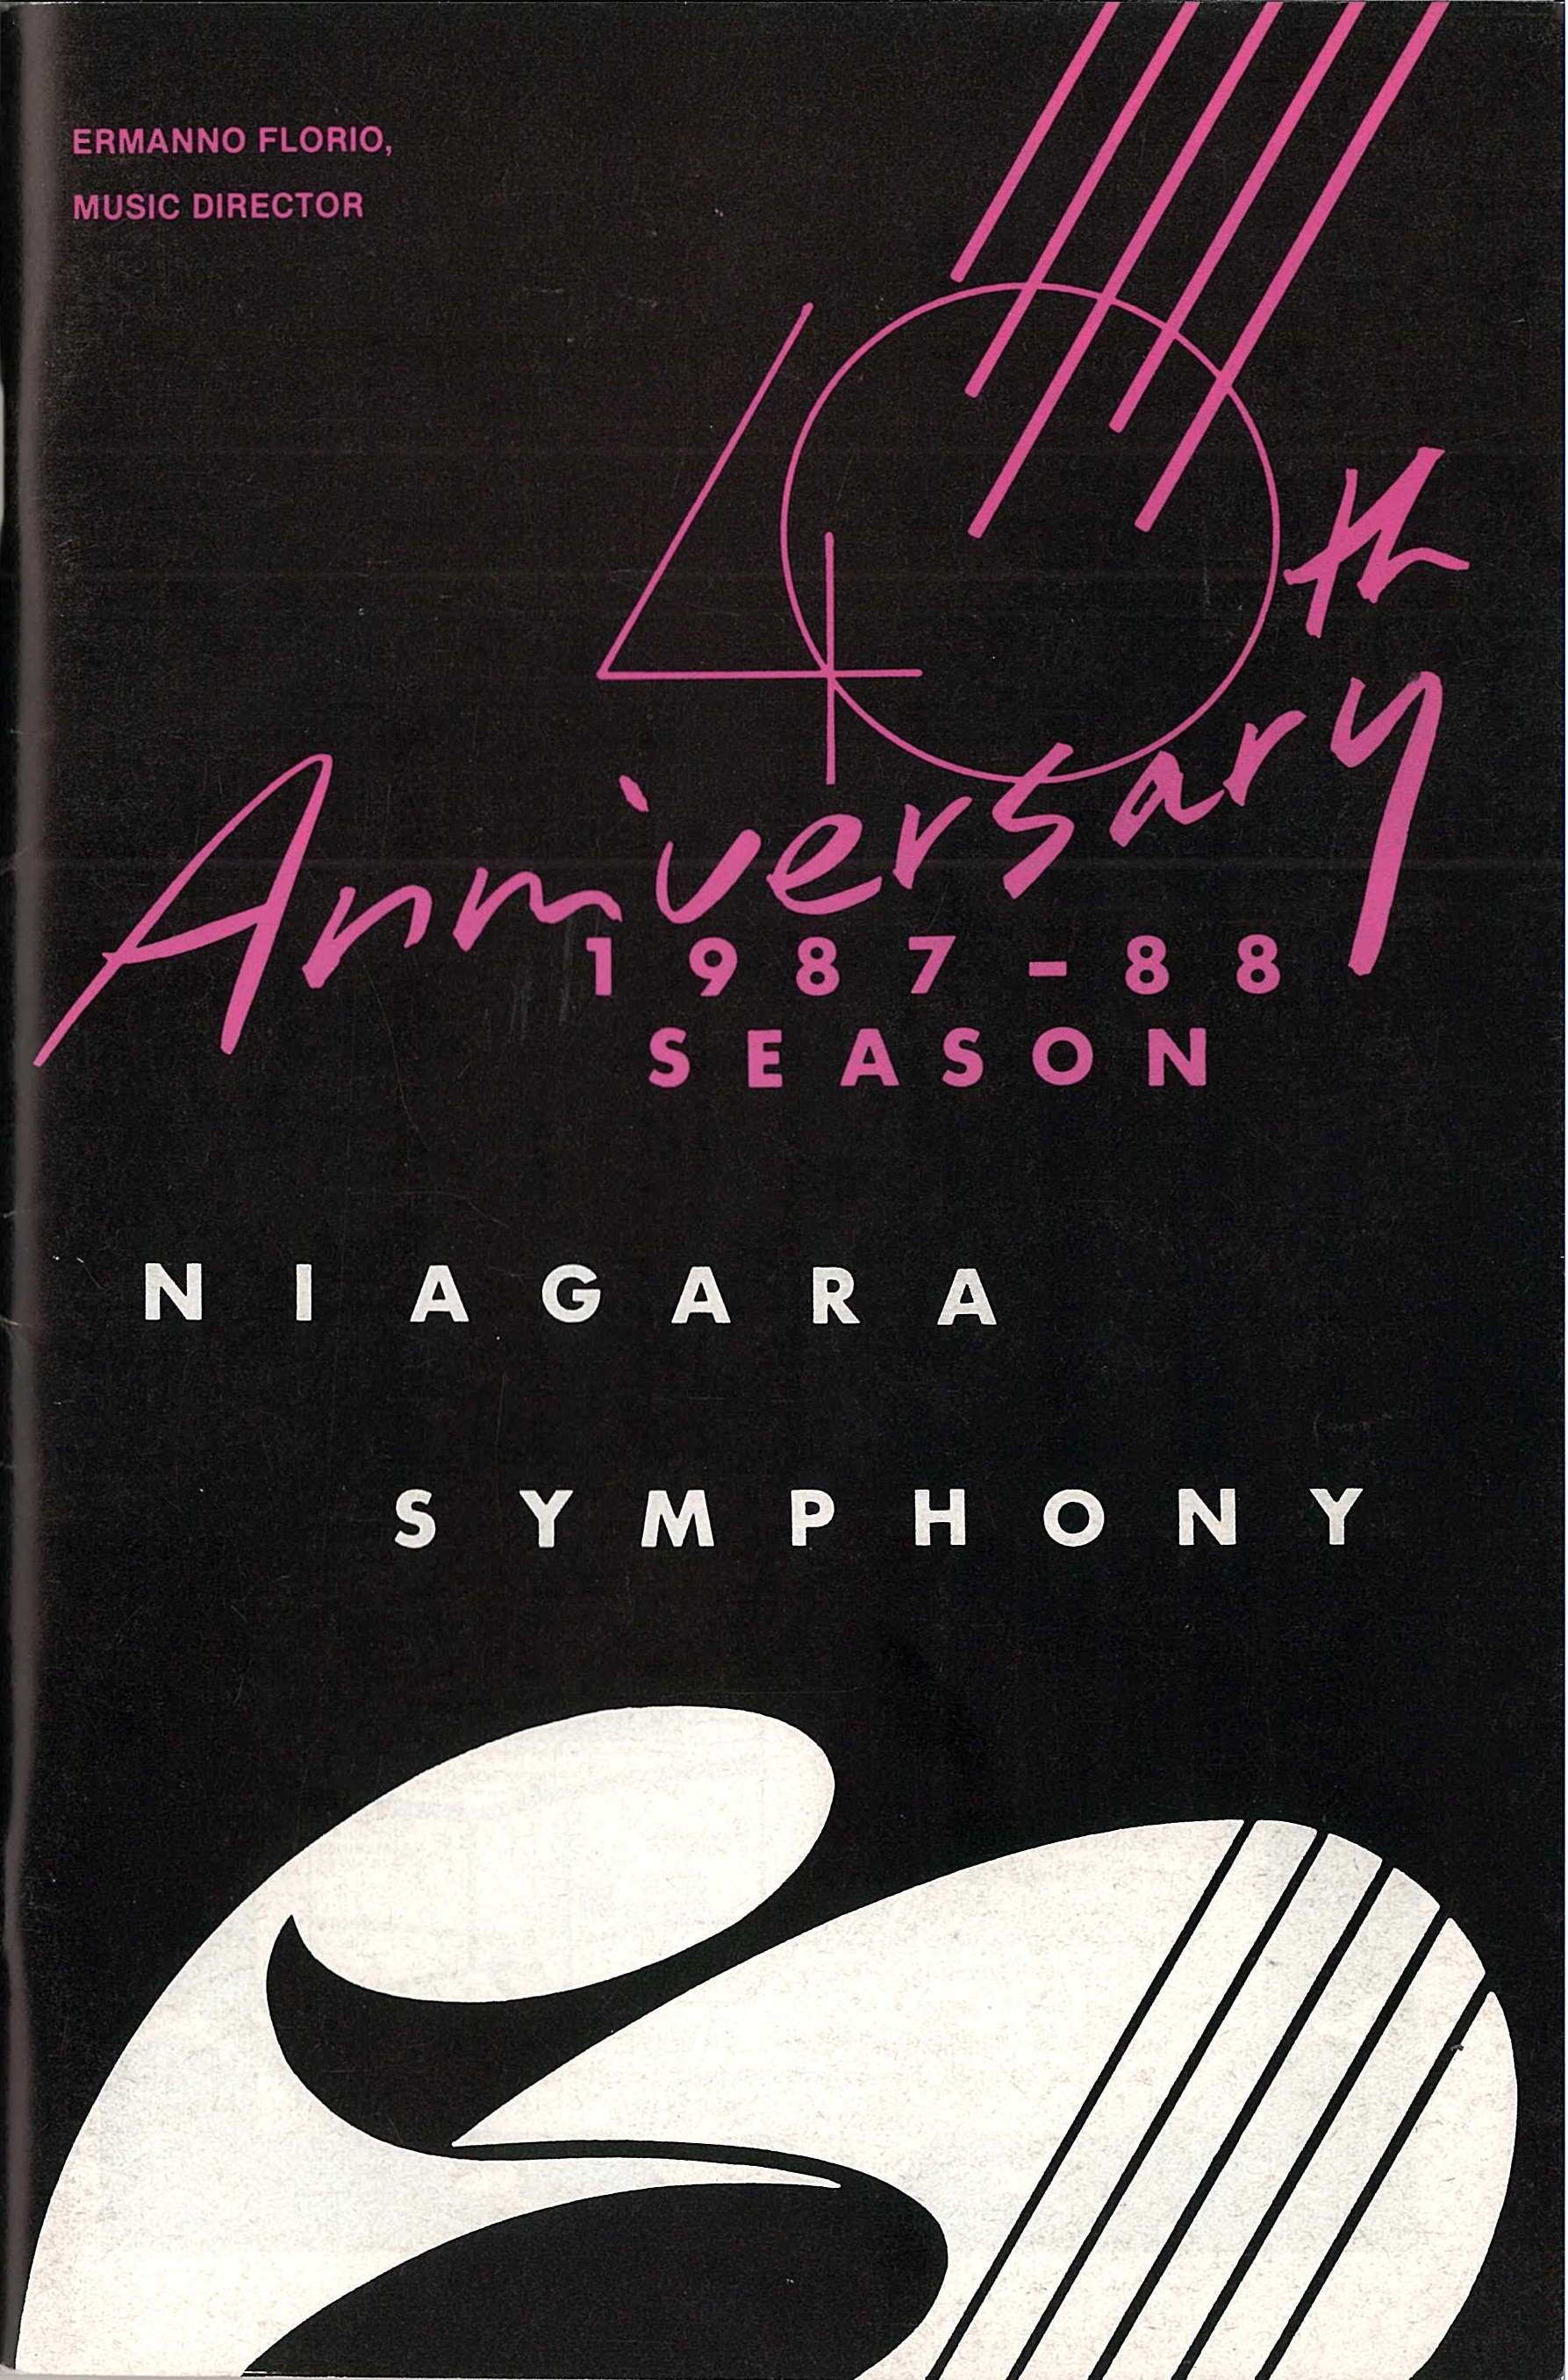 Le programme du 40ième anniversaire en bleue, blanc et rose